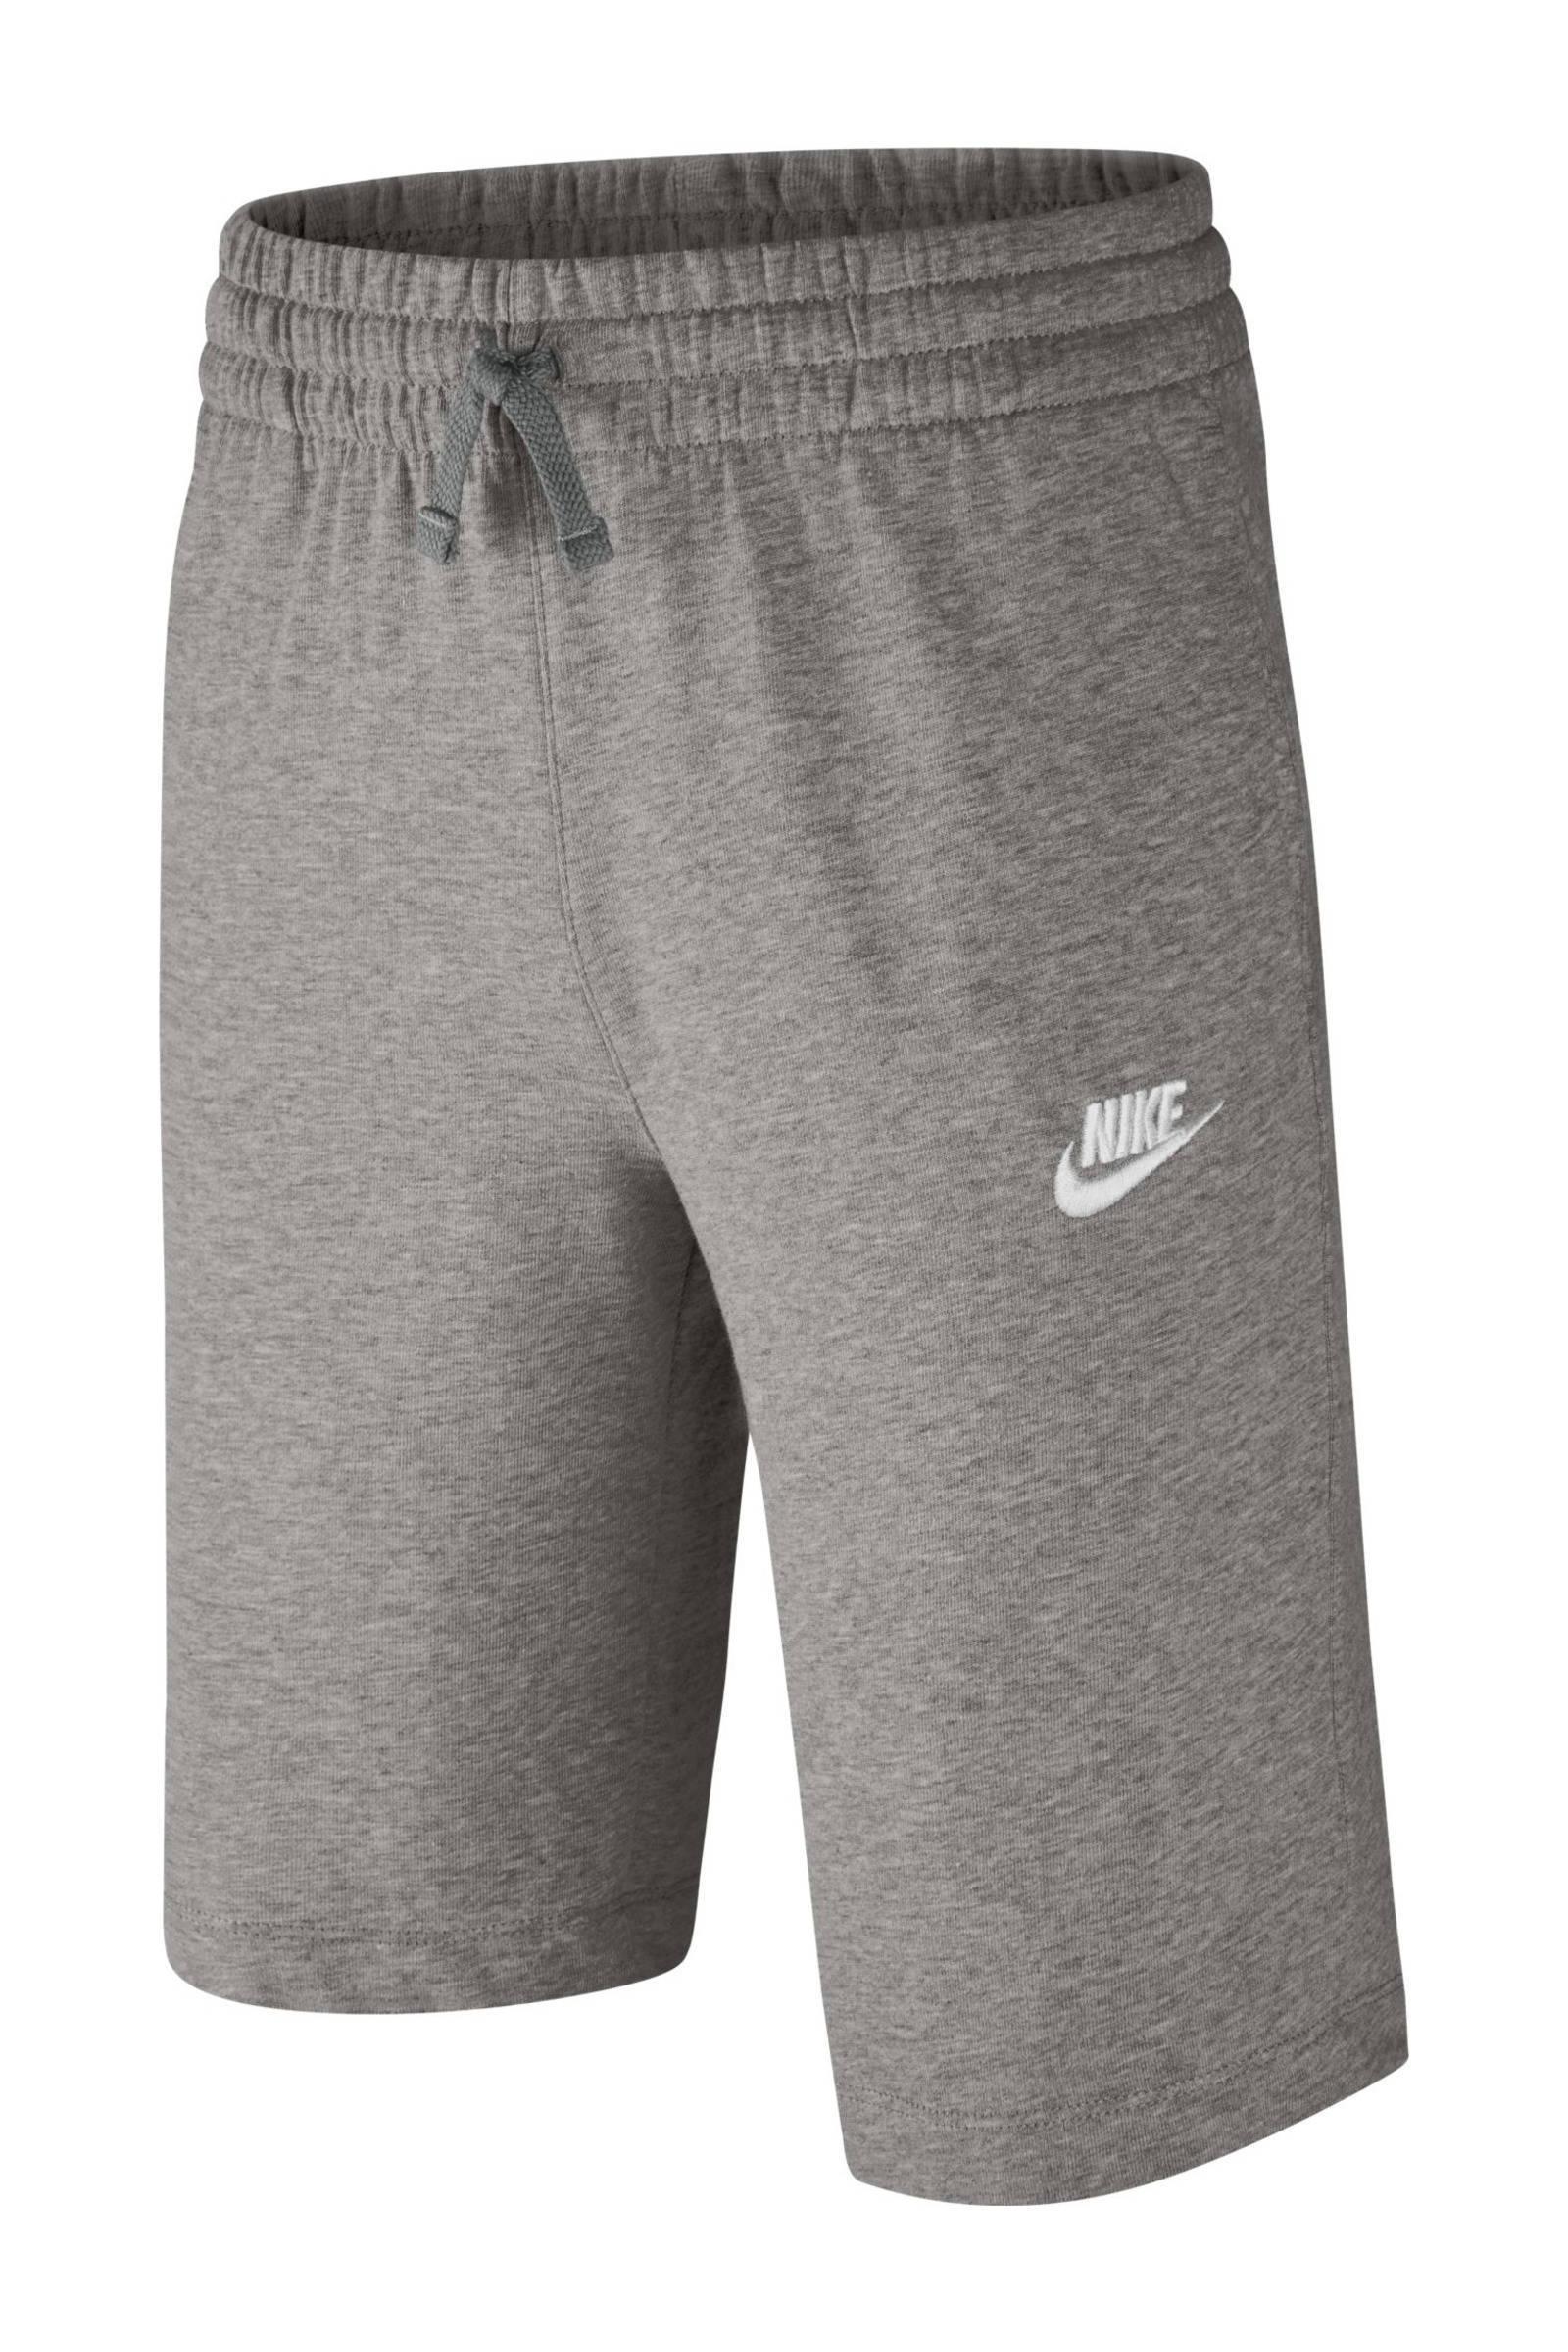 Nike sportbroeken kinderen bij wehkamp Gratis bezorging